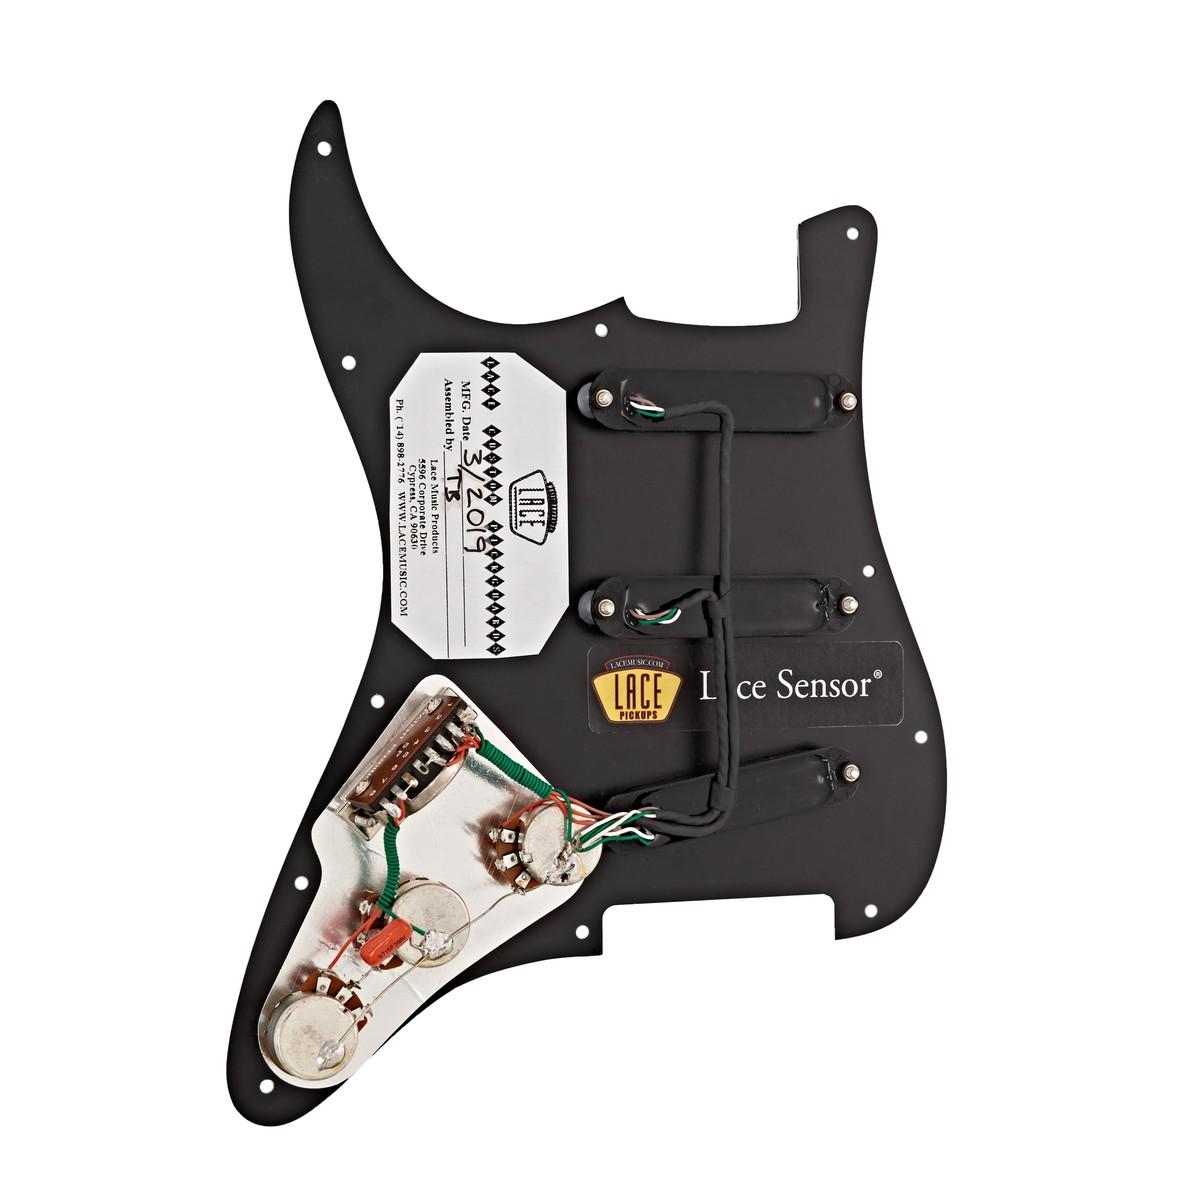 lace sensor gold loaded pickguard sss black at gear4music. Black Bedroom Furniture Sets. Home Design Ideas